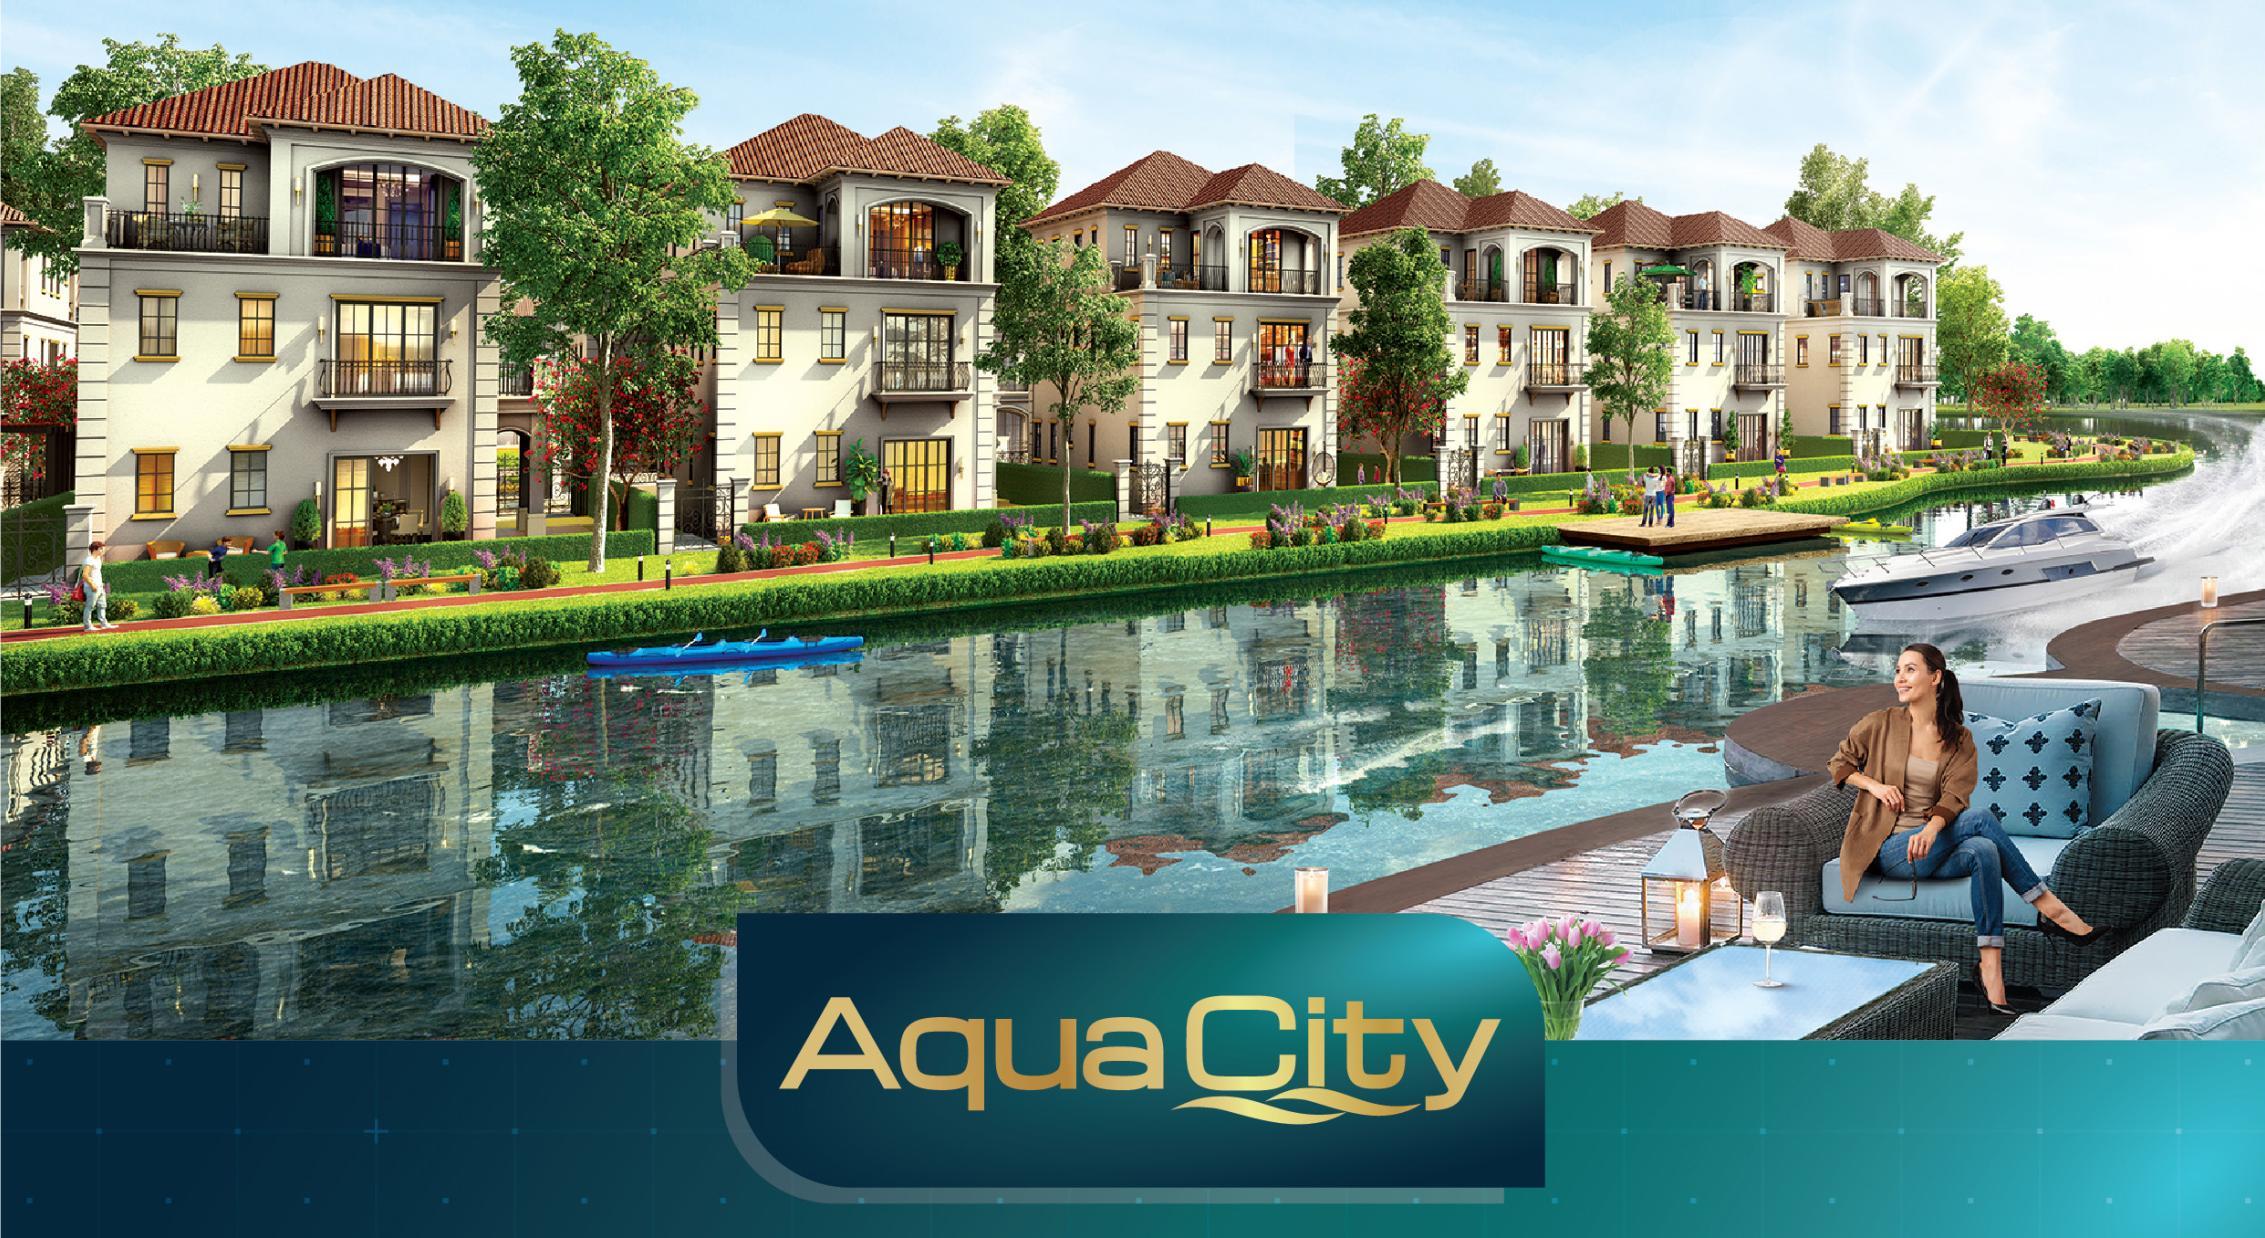 Tiện ích ngoại khu khi mua căn hộ Aqua City được gì?